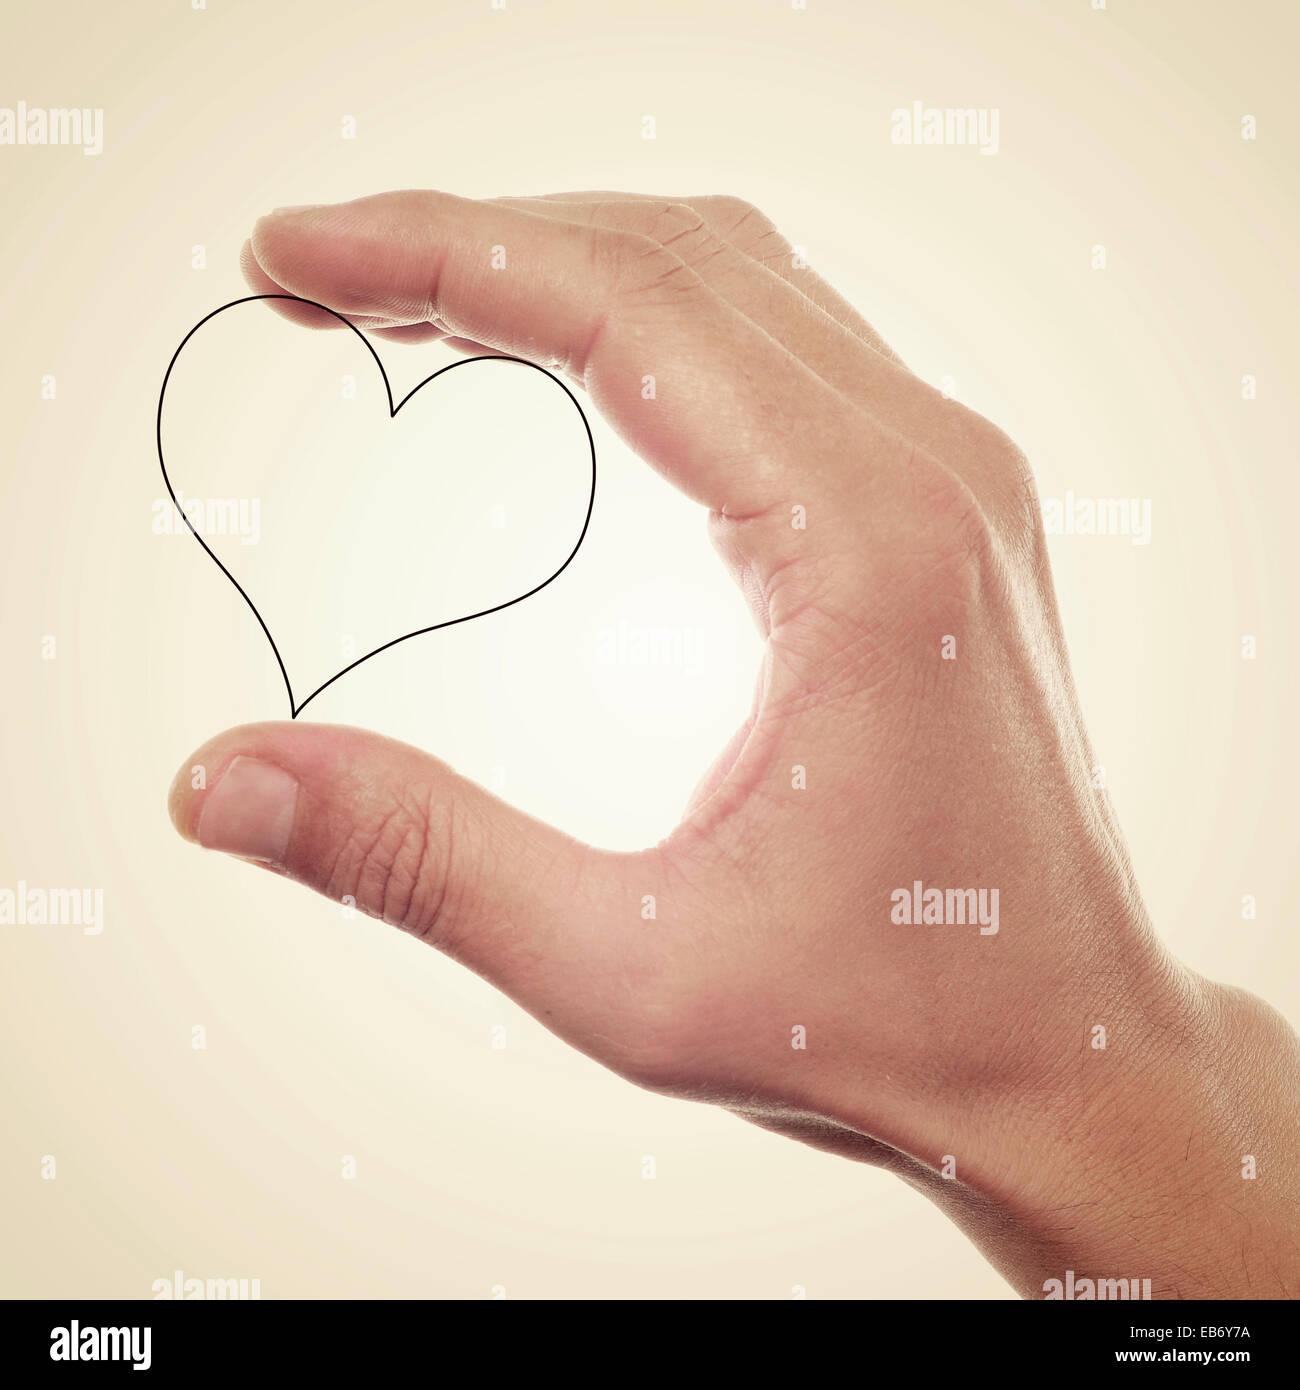 Imagen de alguien sosteniendo un corazón dibujado en su mano, con un efecto retro Imagen De Stock